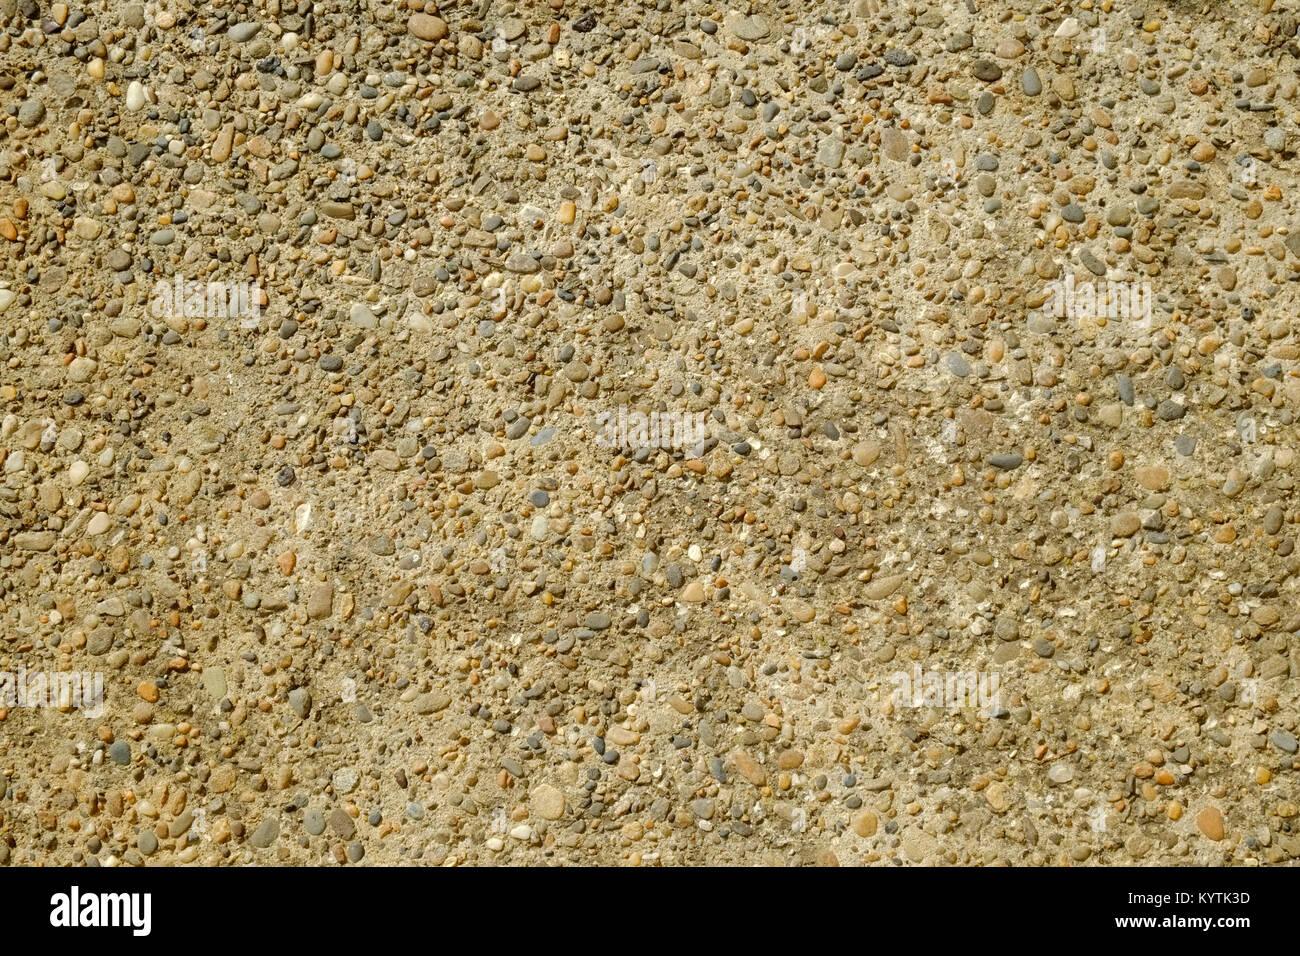 Ruta de hormigón pulido de fotograma completo expuesto textura grava agregada Imagen De Stock